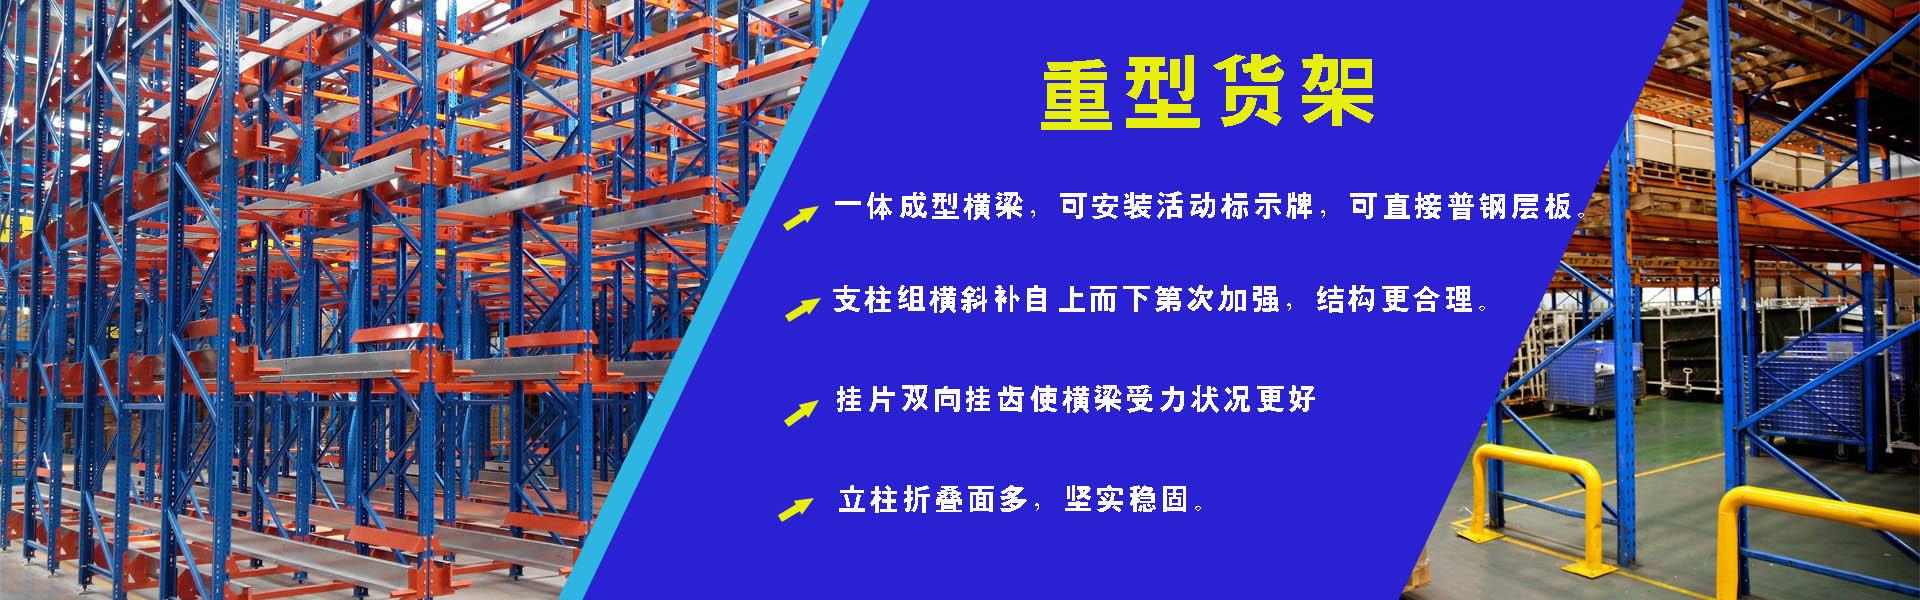 青海货架厂,陕西货架,西安货架,宁夏货架,银川货架,甘肃货架,兰州货架